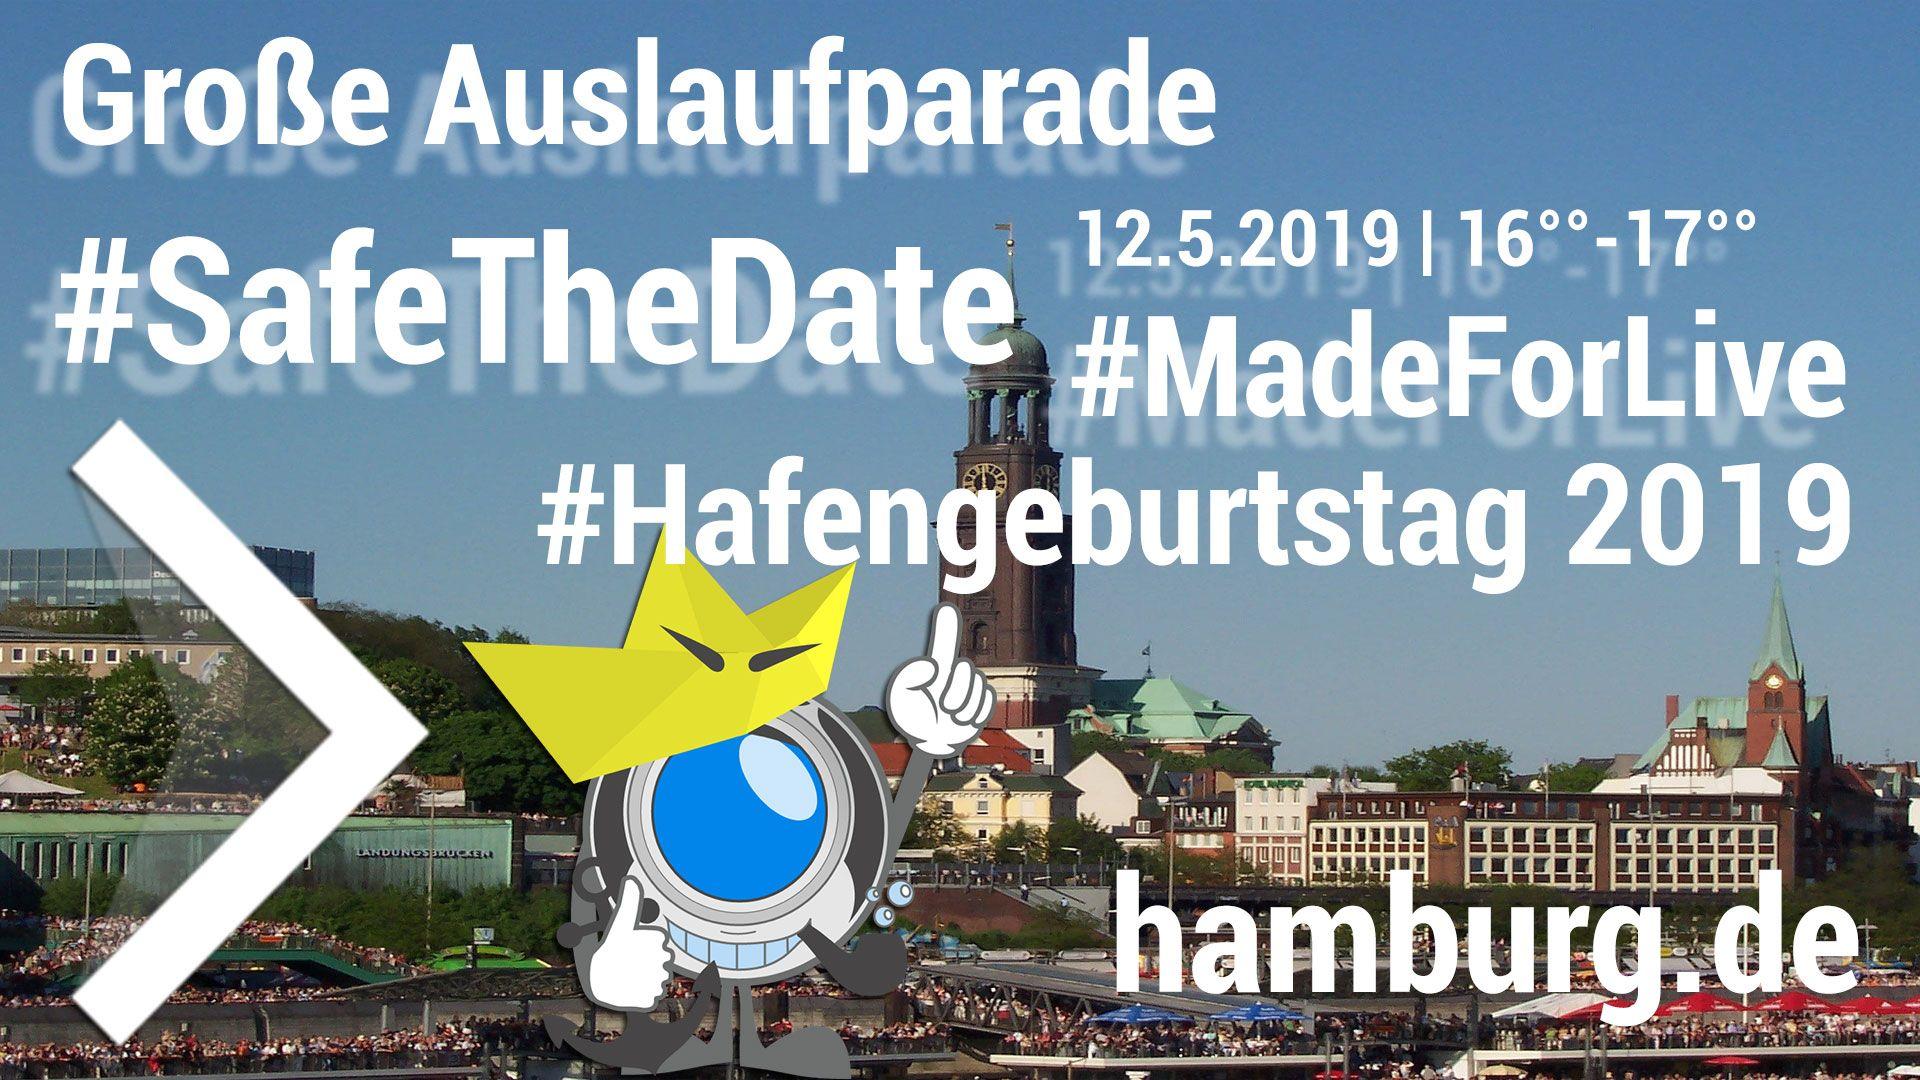 Hafengeburtstag in Hamburg mit Livecams und Livestreaming.